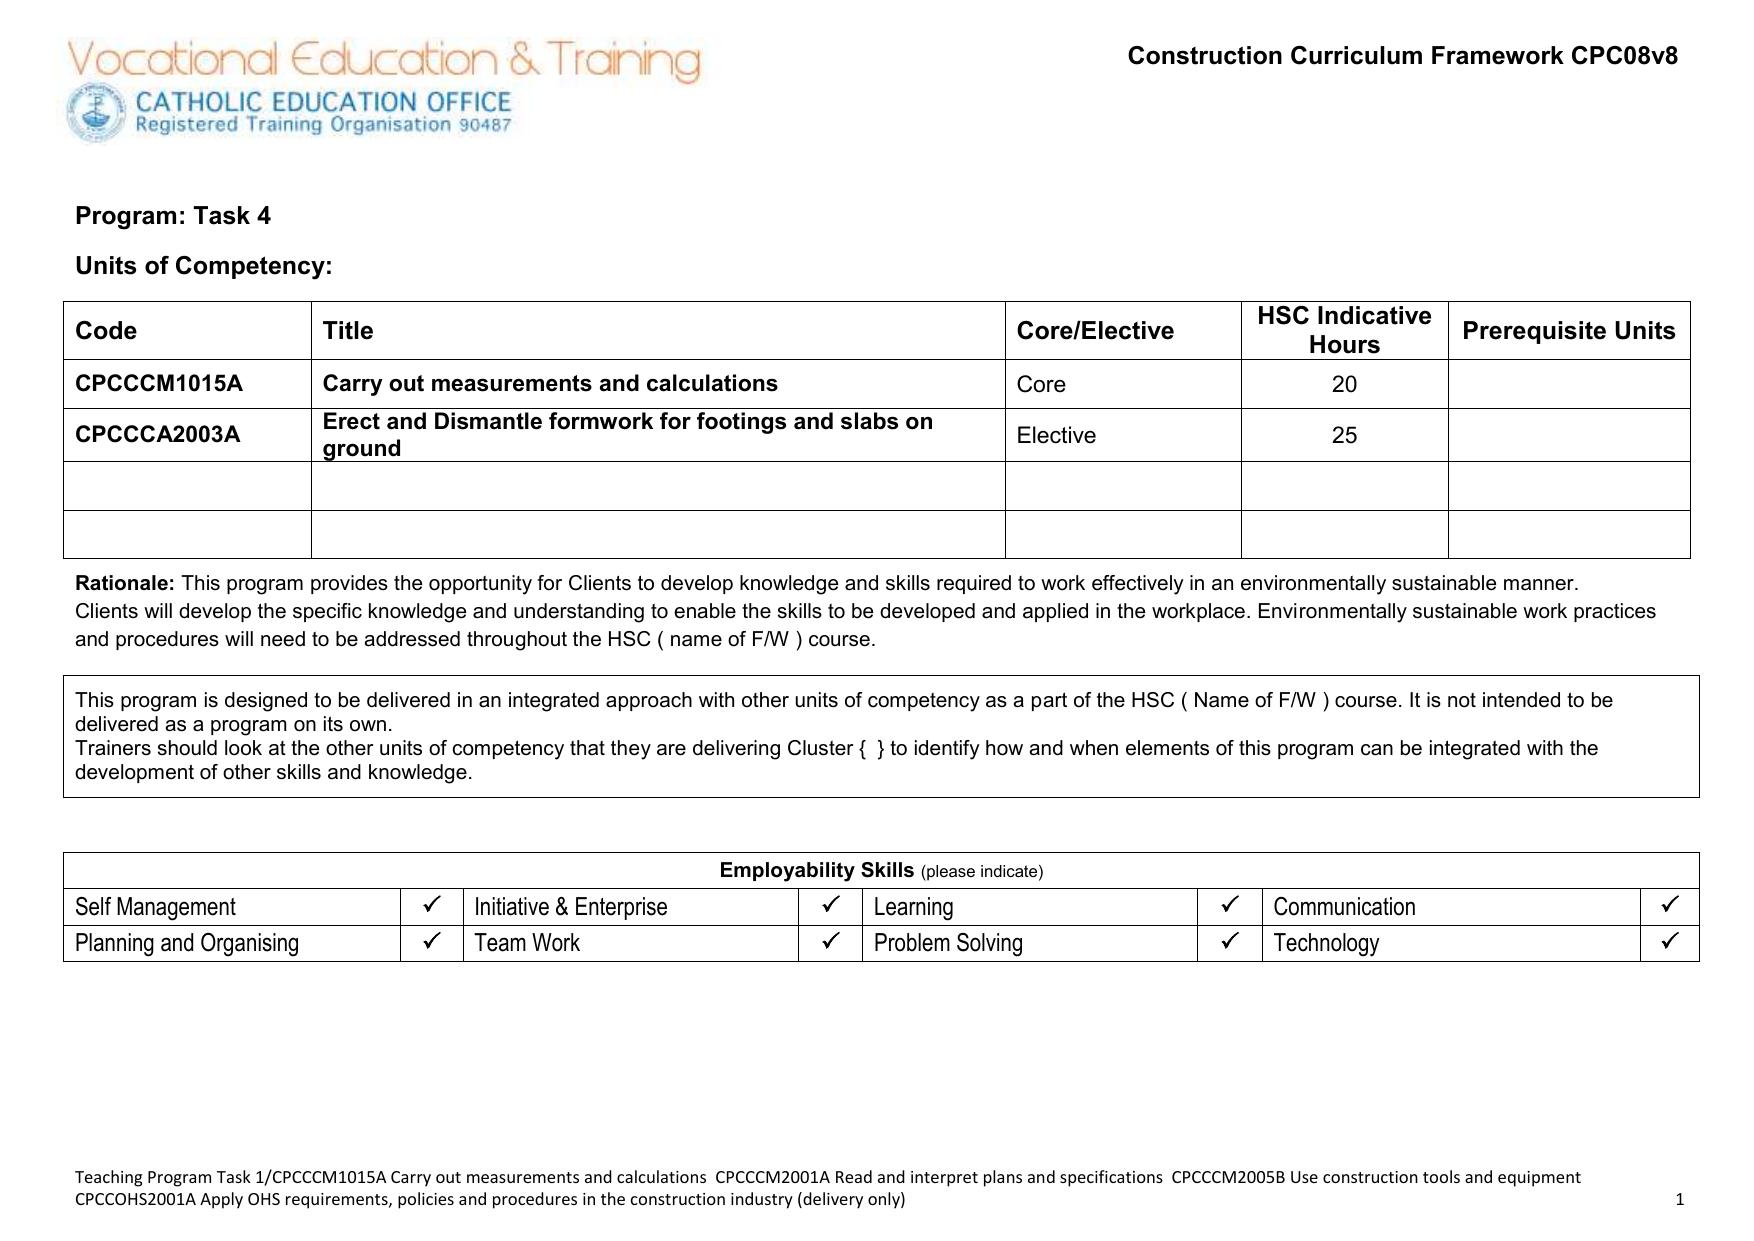 Teaching Program Task 4